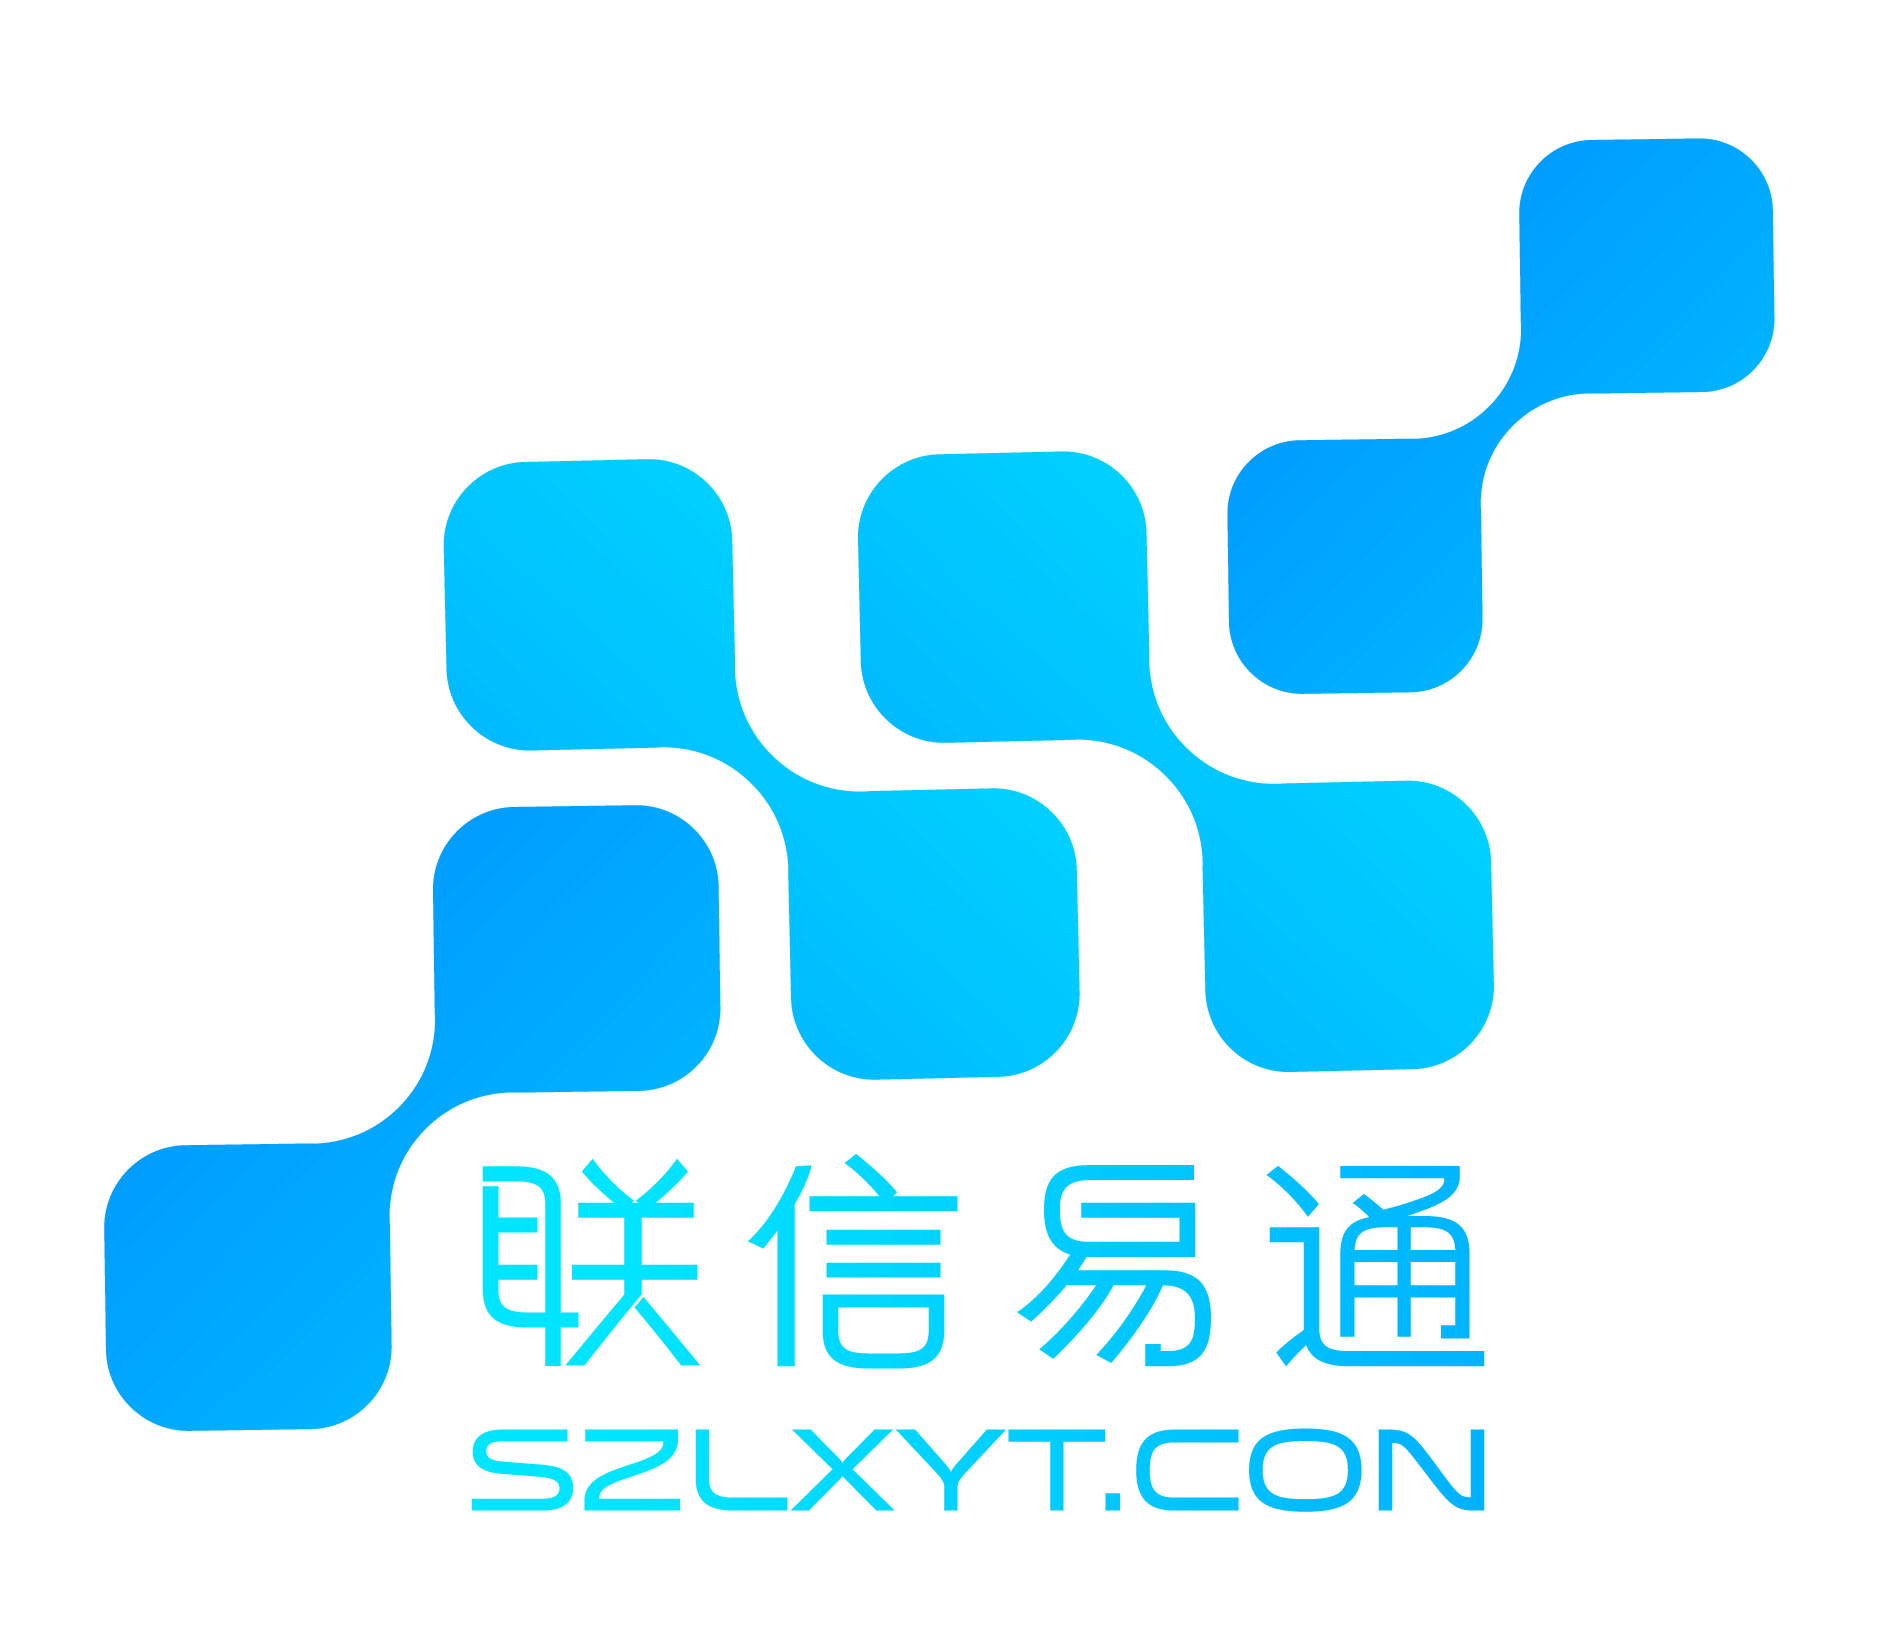 logo logo 标志 设计 矢量 矢量图 素材 图标 1884_1650